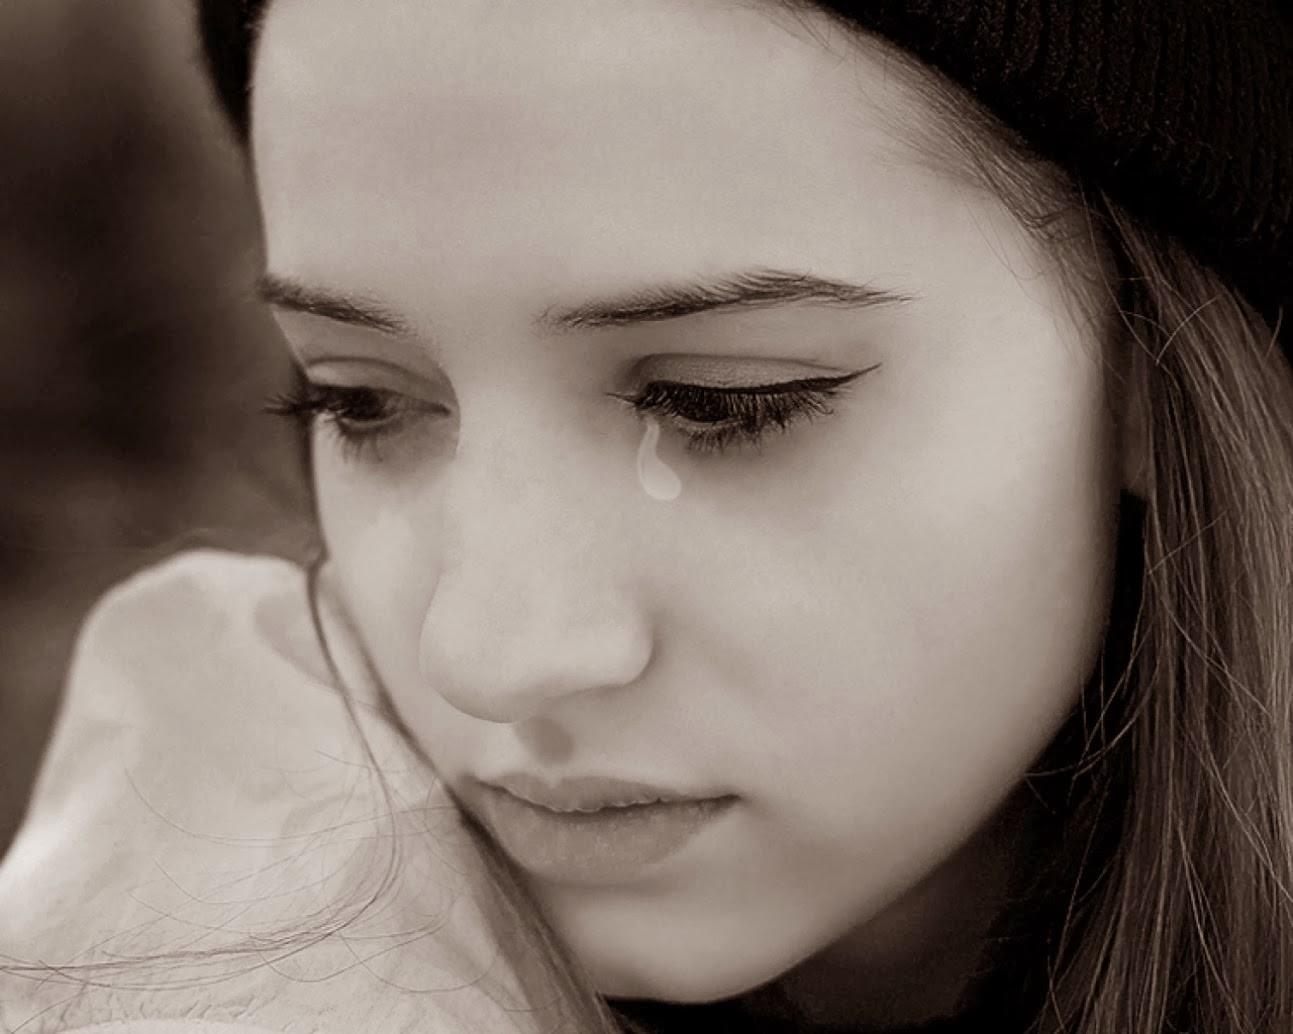 صور صور فتاة حزينة , الكابة و الانكسار فى احاسيس بنت